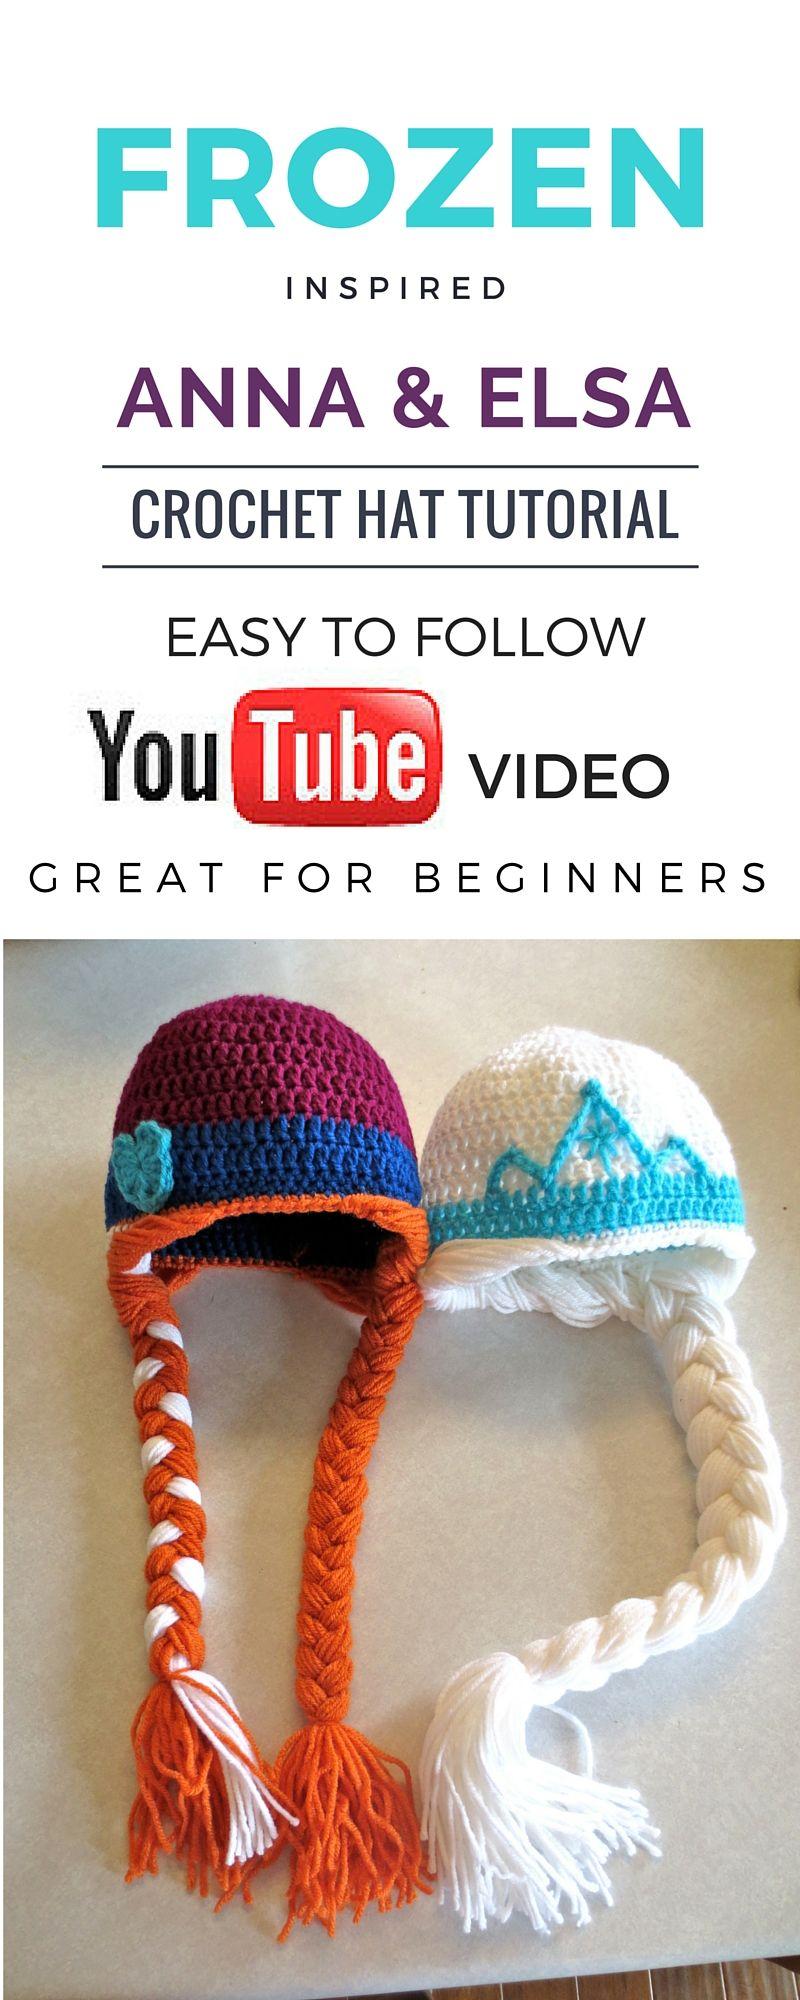 For Brylee: Easy Frozen Inspired Anna & Elsa Crochet Hat Tutorial ...